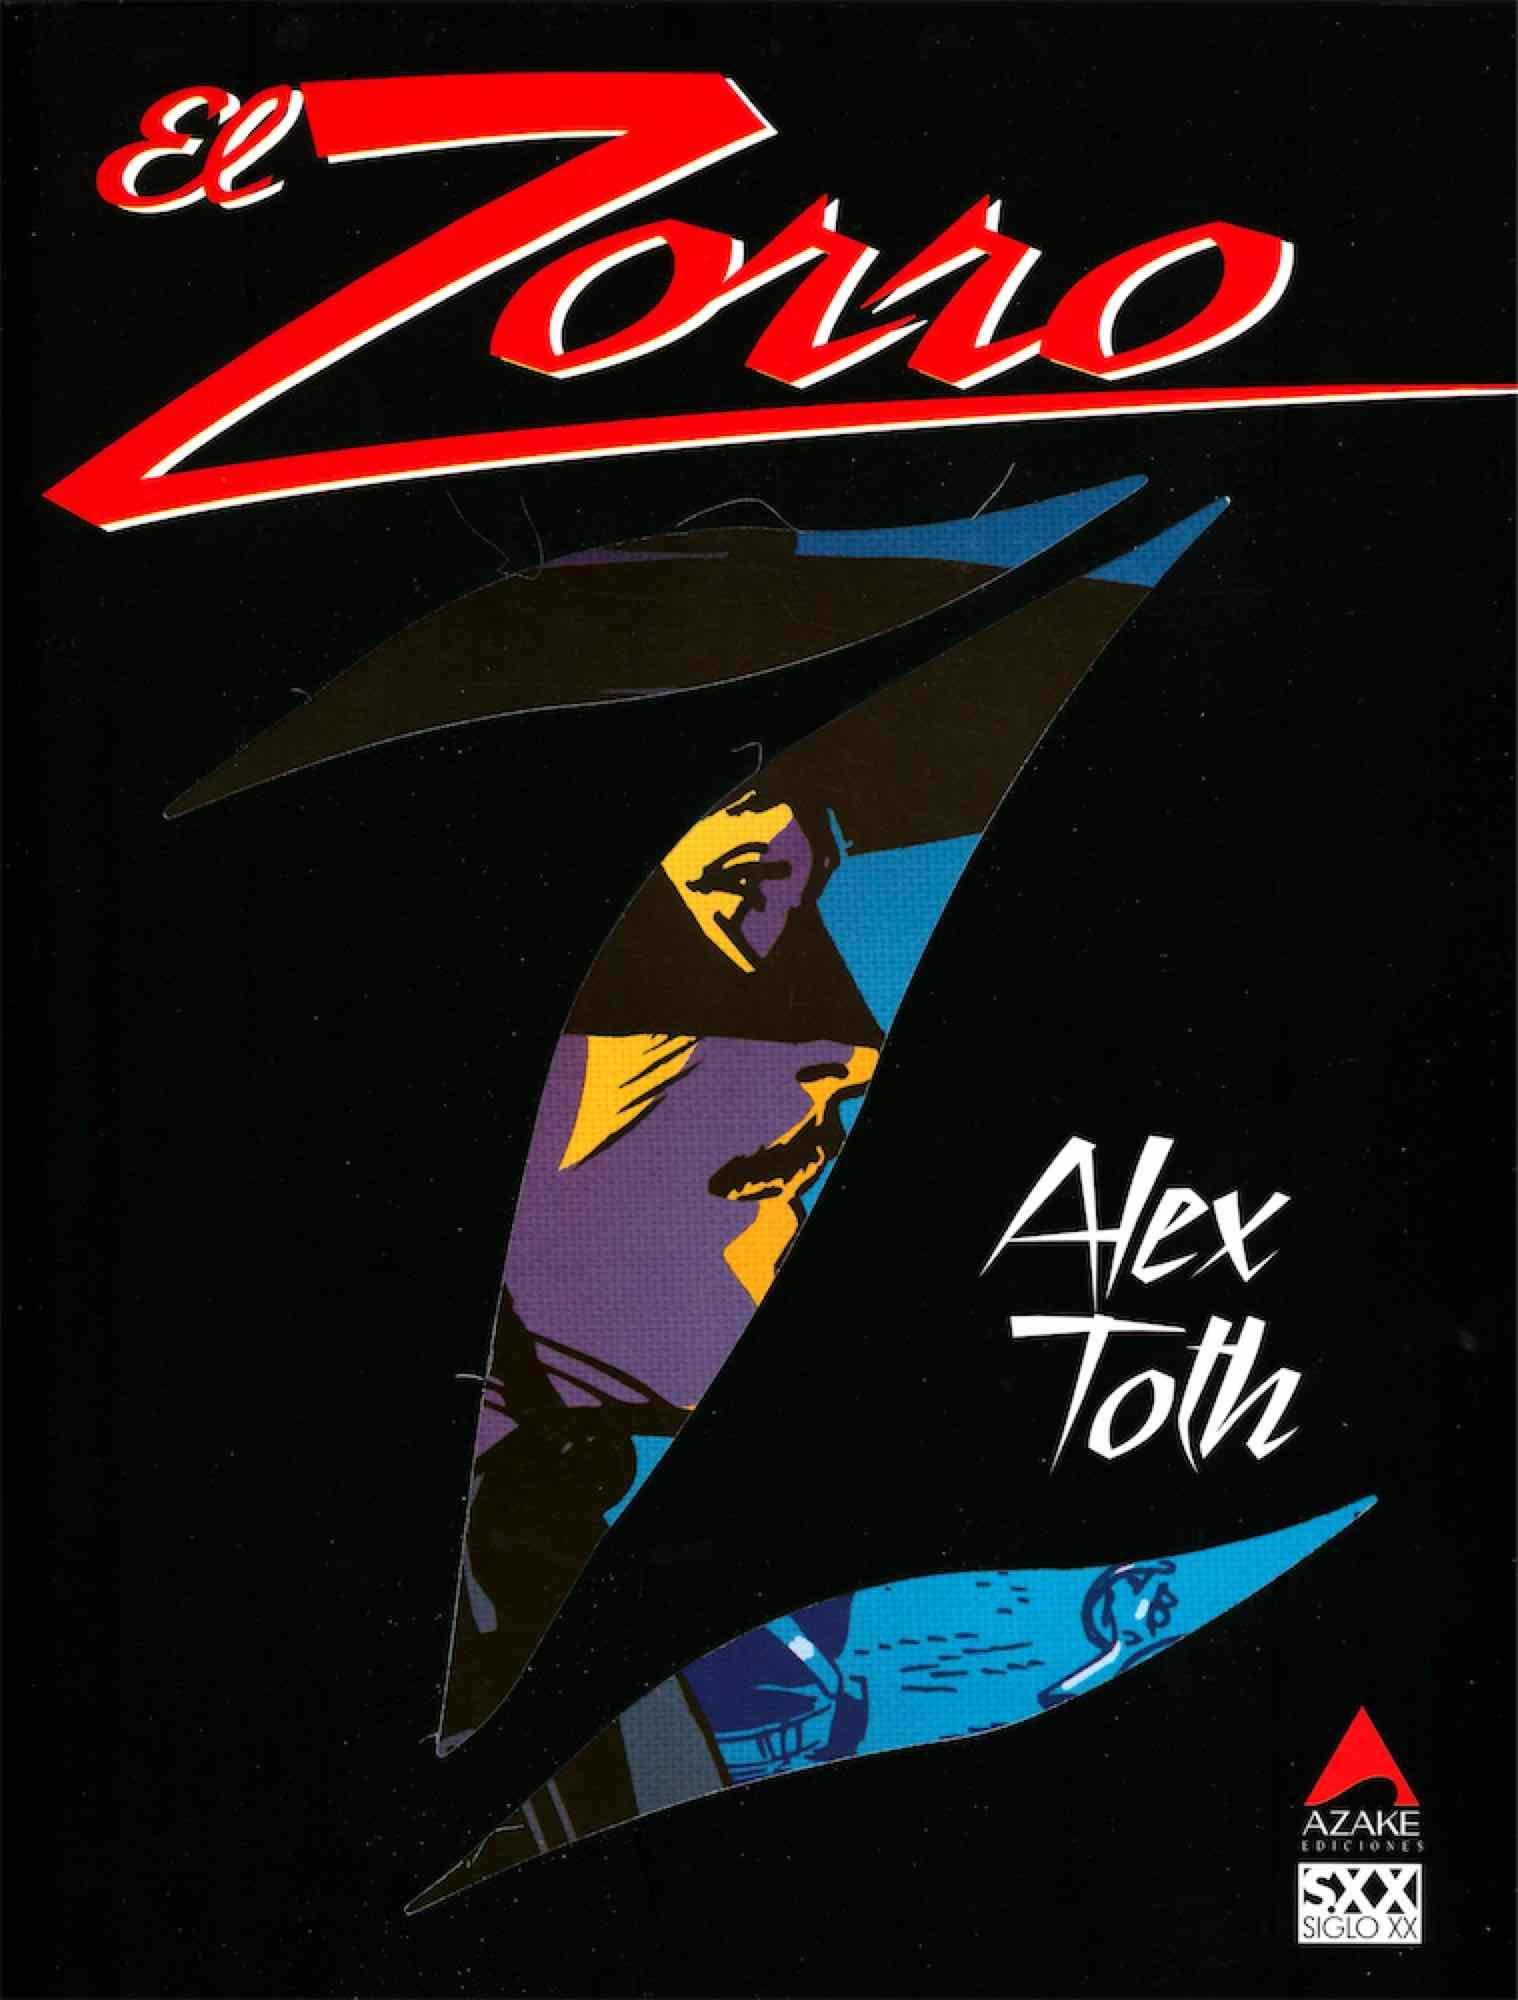 EL ZORRO (ALEX TOTH )